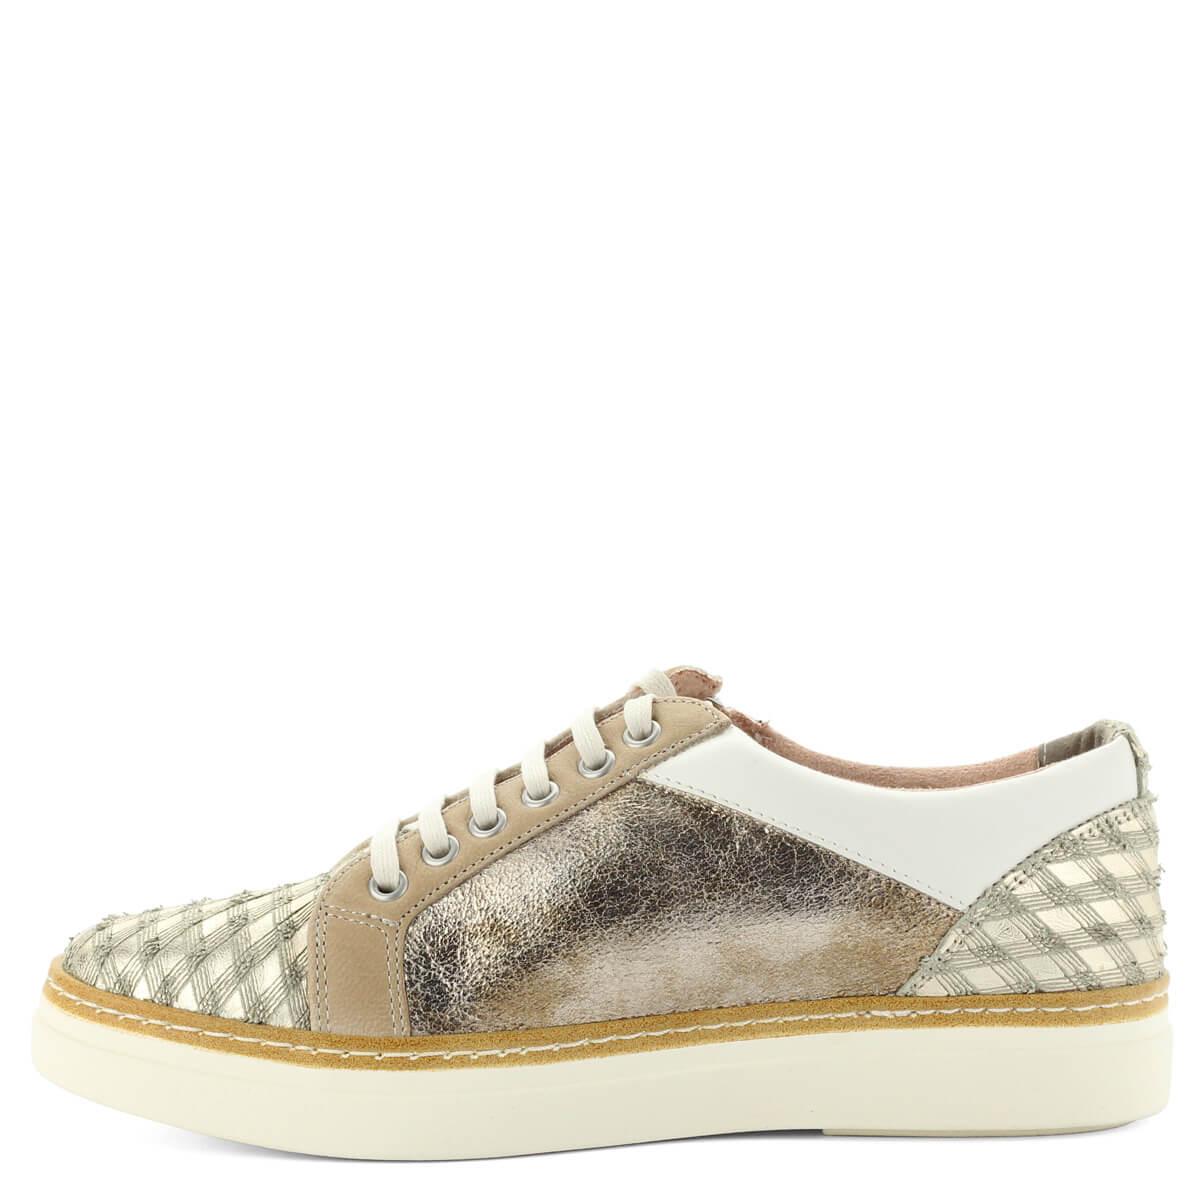 Arany színű Tamaris sneaker. Puha memóriahabos Touch It talpbéléssel  készült pillekönnyű cipő. 0ddf1c1502